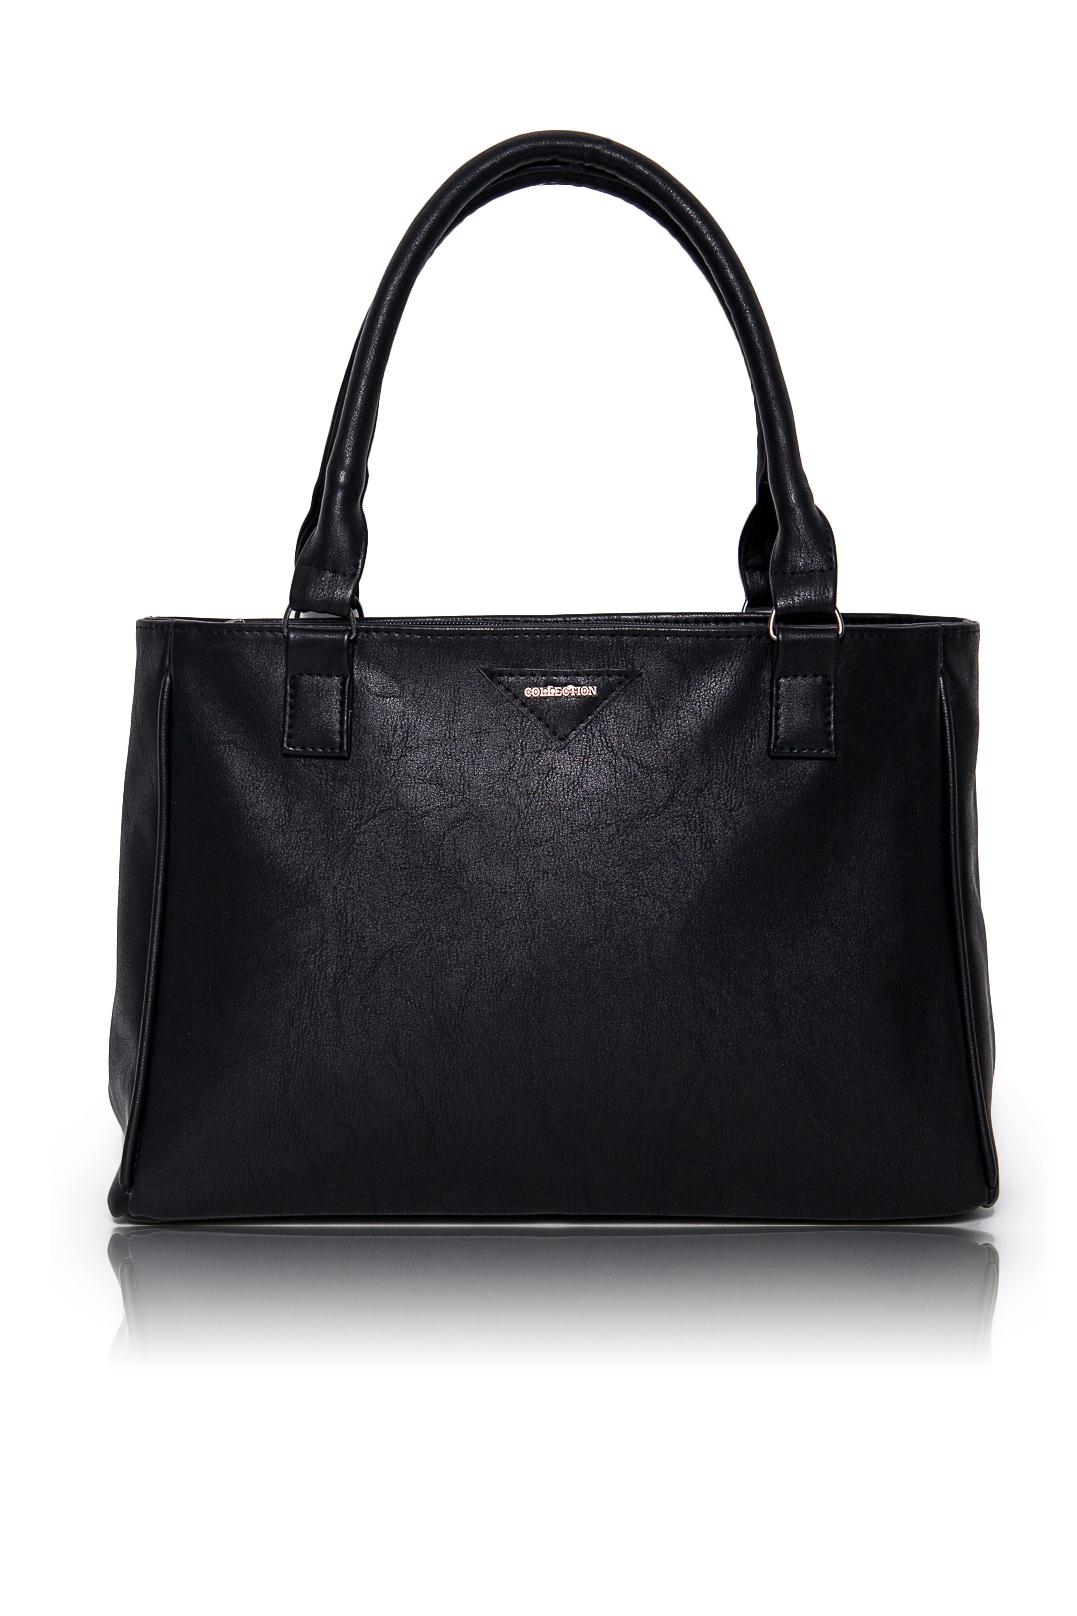 СумкаКлассические<br>Женские сумки бренда DINESSI - это стильные аксессуары, которые по достоинству оценят представительницы прекрасного пола.  Сумка жесткой формы с застежкой на молнию. На задней части изделия карман на молнии. Две короткие ручки. Внутри два накладных кармана и карман на молнии.   Цвет: черный.  Размеры: Высота по центру - 24 ± 1 см Длина - 34 ± 1 см Ширина - 10 ± 1 см<br><br>Отделения: 1 отделение<br>По материалу: Искусственная кожа<br>По размеру: Средние<br>По рисунку: Однотонные<br>По силуэту стенок: Прямоугольные<br>По способу ношения: В руках,На запастье,На плечо<br>По степени жесткости: Мягкие<br>По типу застежки: С застежкой молнией<br>По элементам: Карман на молнии,Карман под телефон,С декором<br>Ручки: Короткие<br>Размер : UNI<br>Материал: Искусственная кожа<br>Количество в наличии: 1